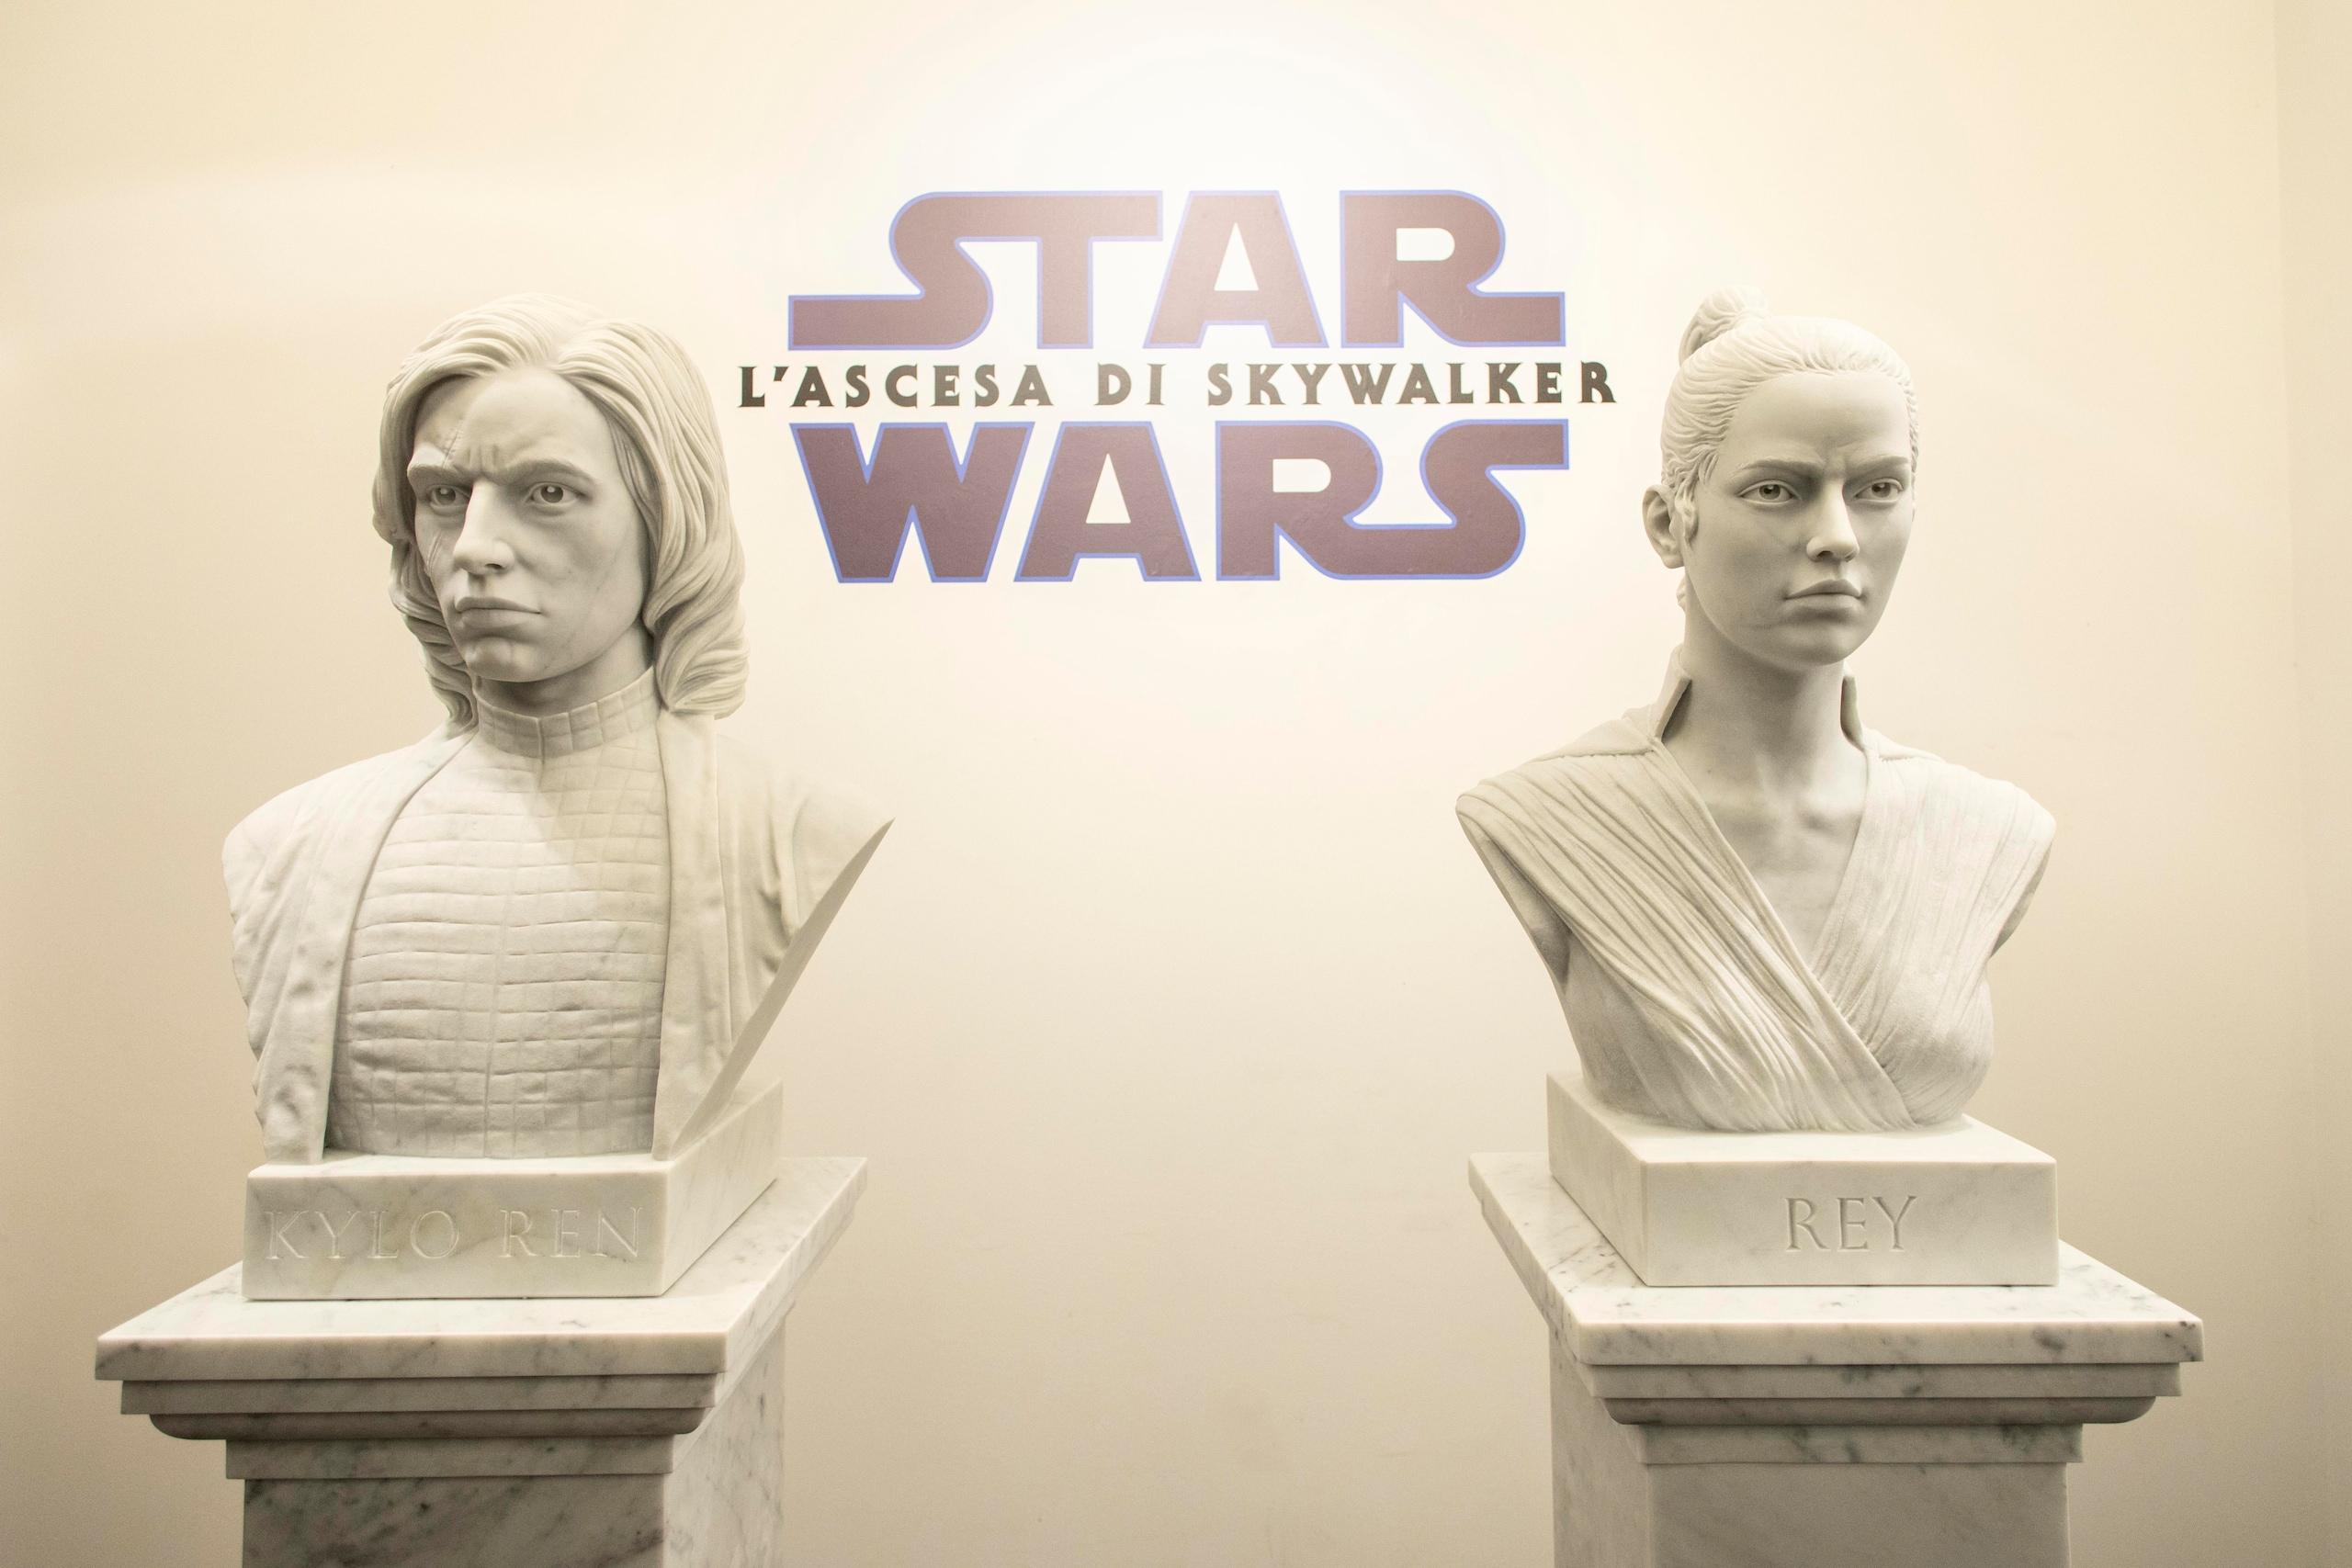 Gli eroi di Star Wars scolpiti nella memoria